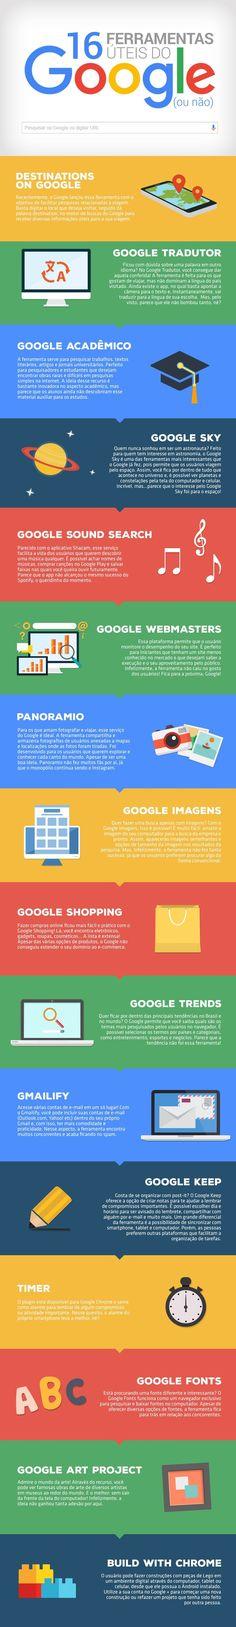 Manual Kit Sobrevivência do Google Ferramentas Úteis Camino Marketing Digital Consultoria Veja aqui nesta página em http://publicidademarketing.com/ferramentas-de-marketing/ uma lista das melhores #ferramentasdemarketing online para profissionais de publicidade usarem de forma eficaz e rentável.  - Atrair, envolver e gerar valor para as pessoas: estas são as principais missões e objectivos do #Marketing de #Conteúdo para influenciar o seu público-alvo. Descubra mais em…